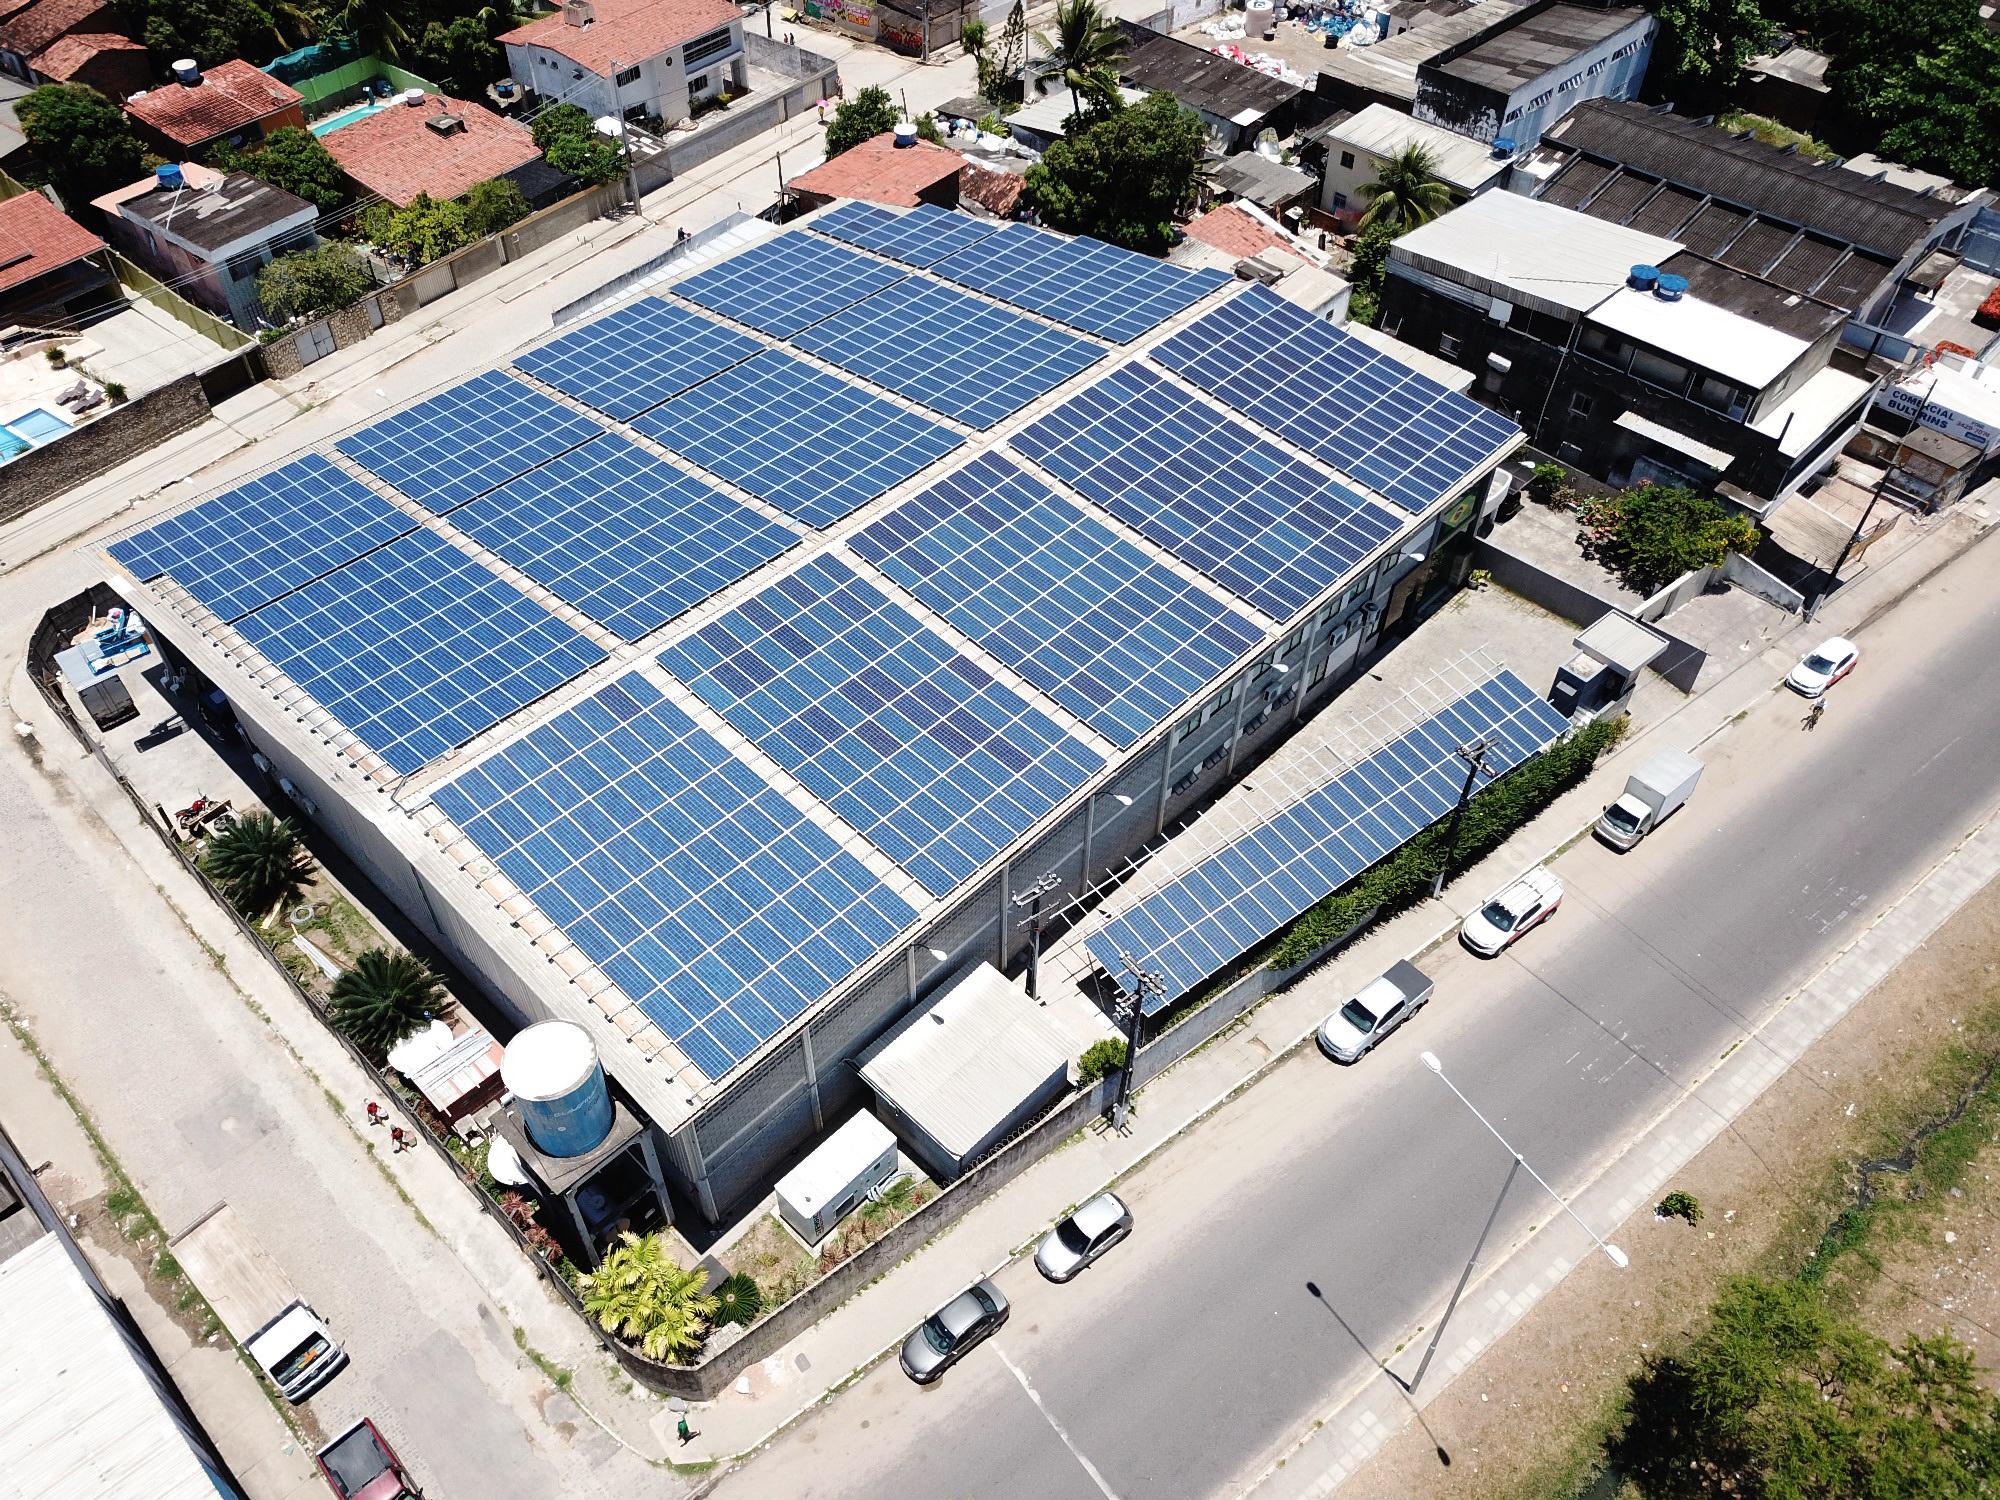 Maior painel solar entregue pela empresa conta com potência instalada de 334,75 watt-pico. Foto: Ironildo Machado/Insole/Divulgação.